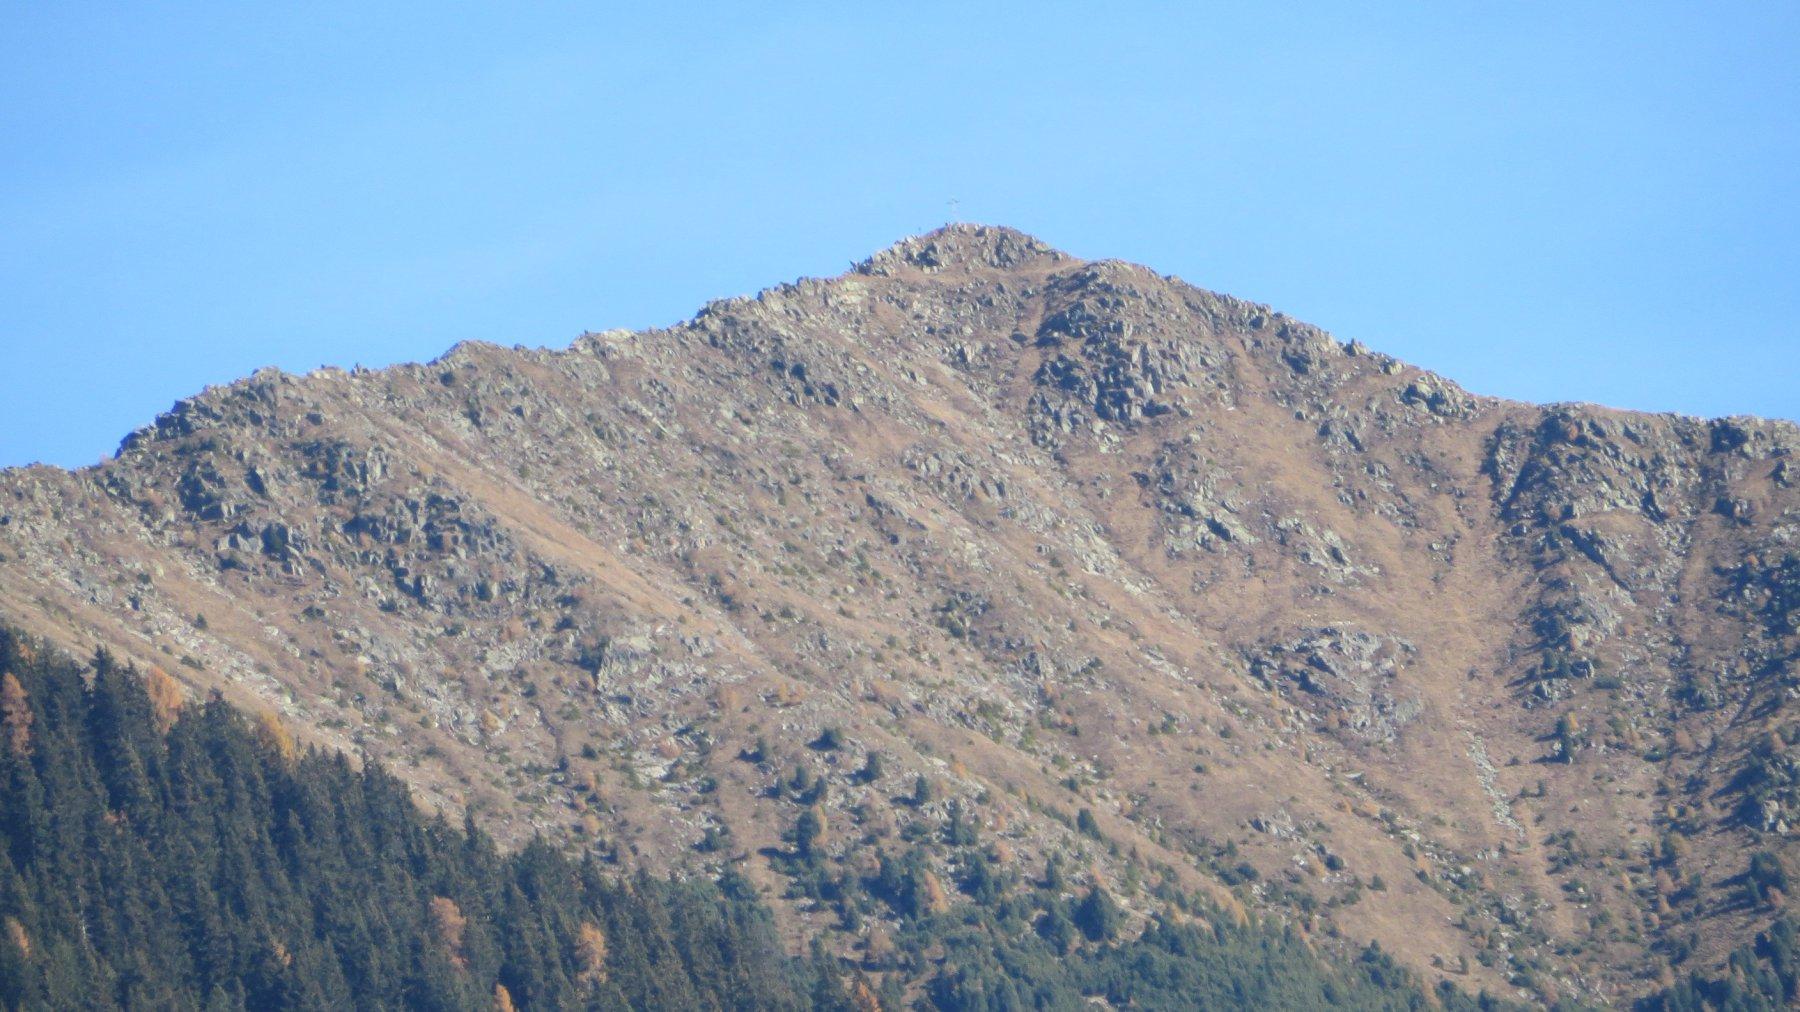 la cresta in cima piena di cornici